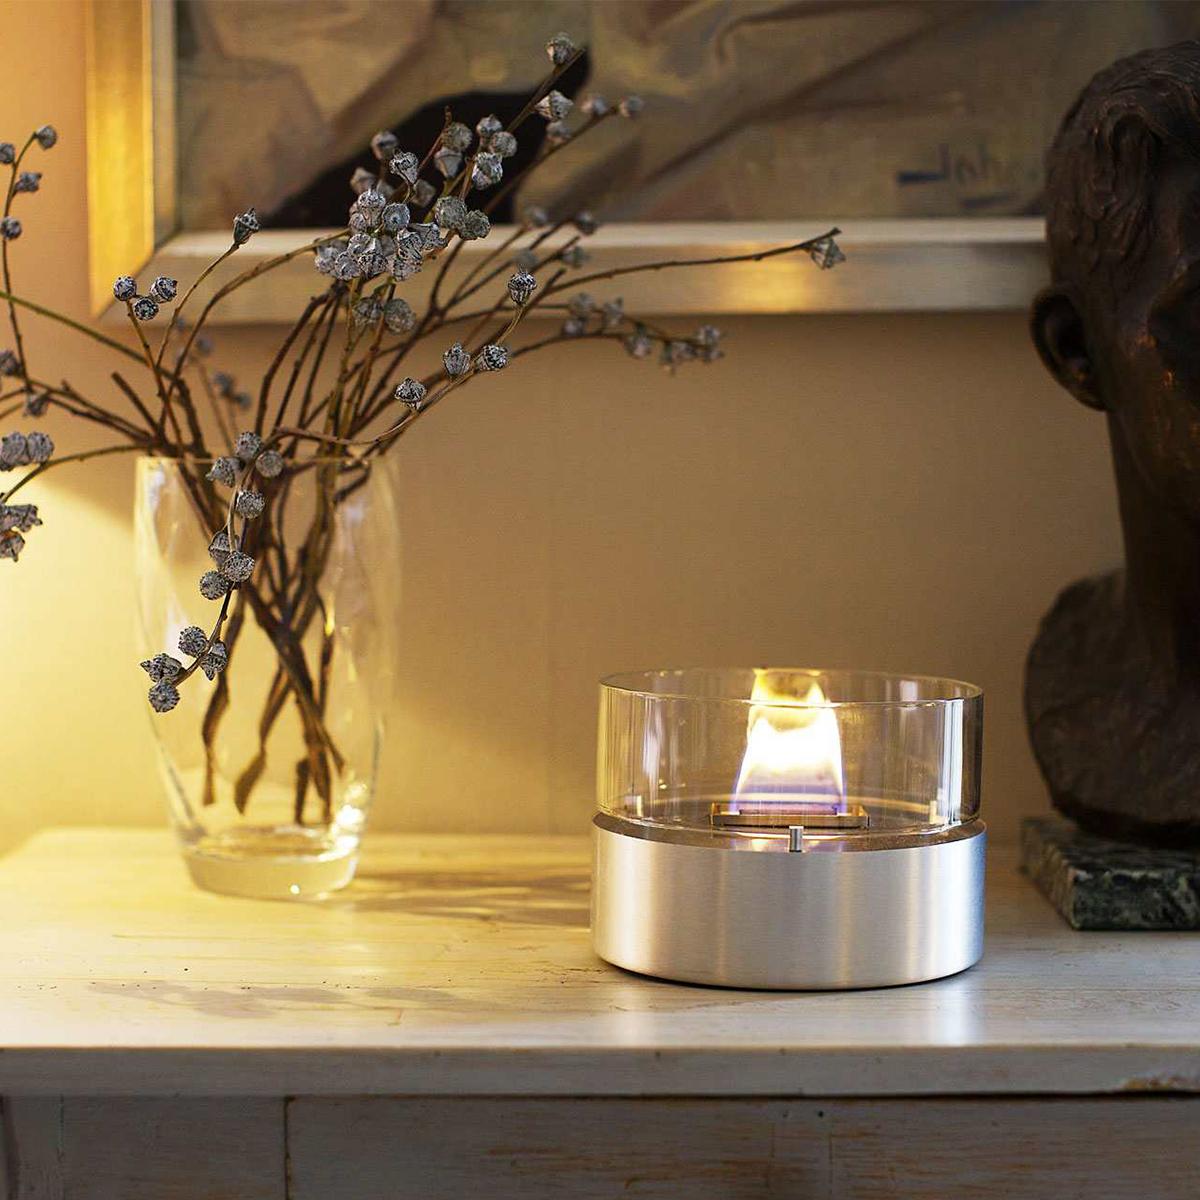 テーブルで楽しむ『バイオエタノール暖炉』おすすめ4選|設置不要のテーブル型で、すぐに火のある暮らし